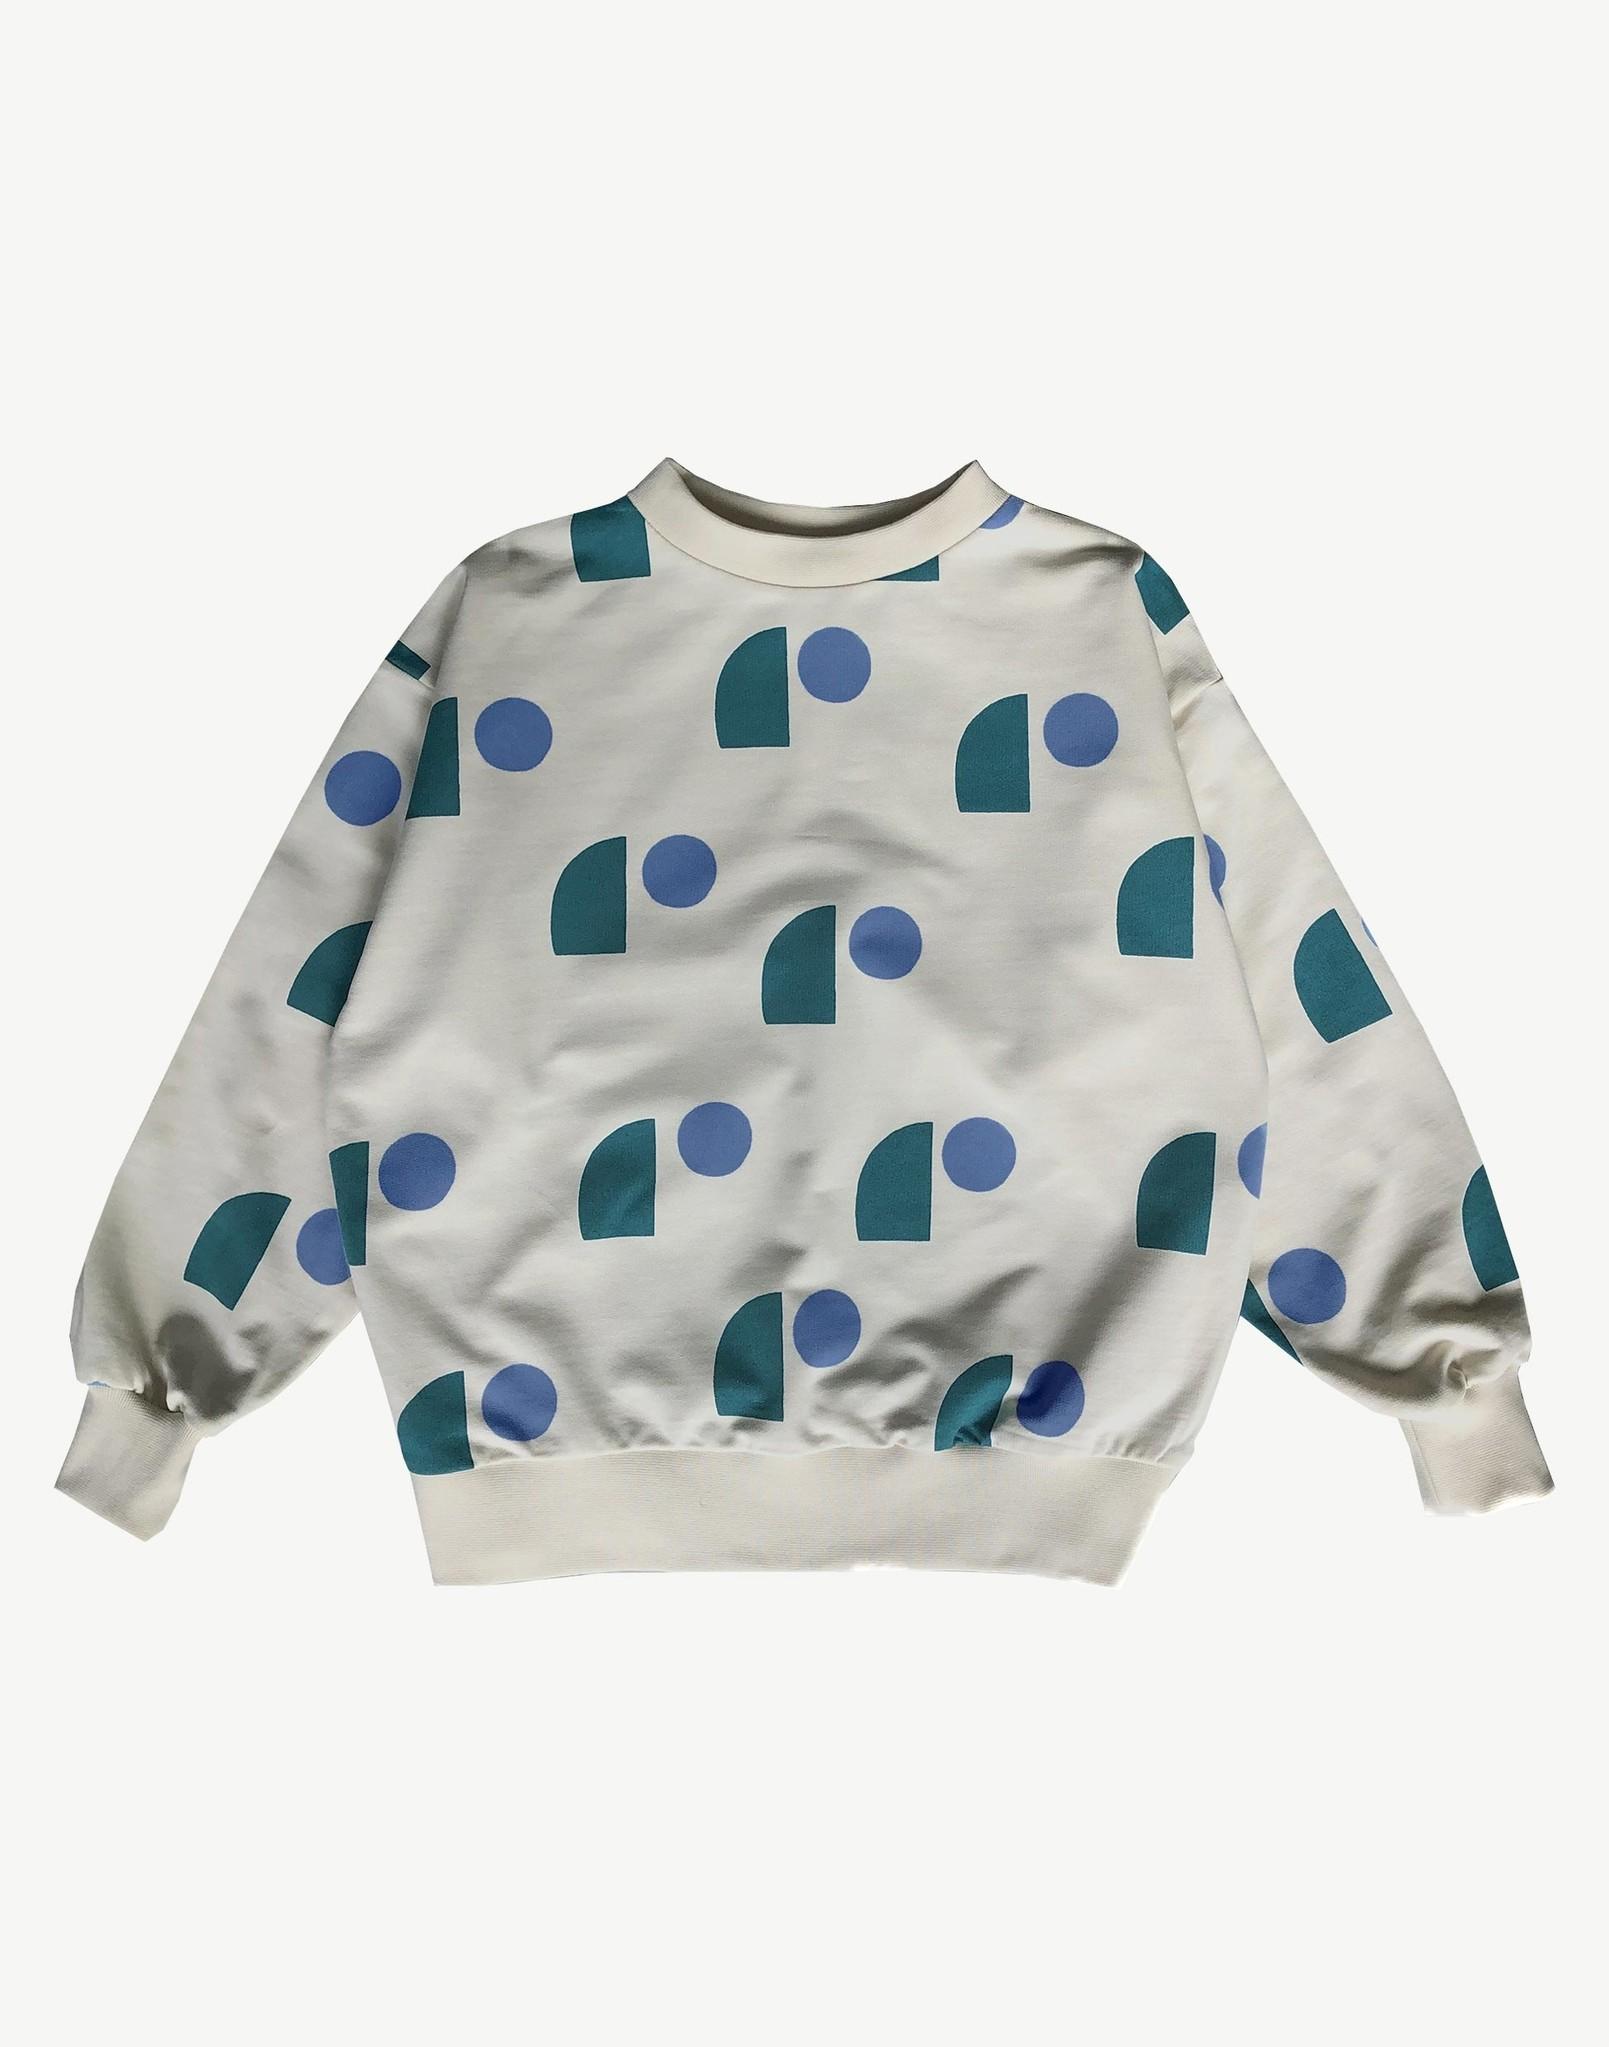 Balloon Sweatshirt - Milk Sail Print-1